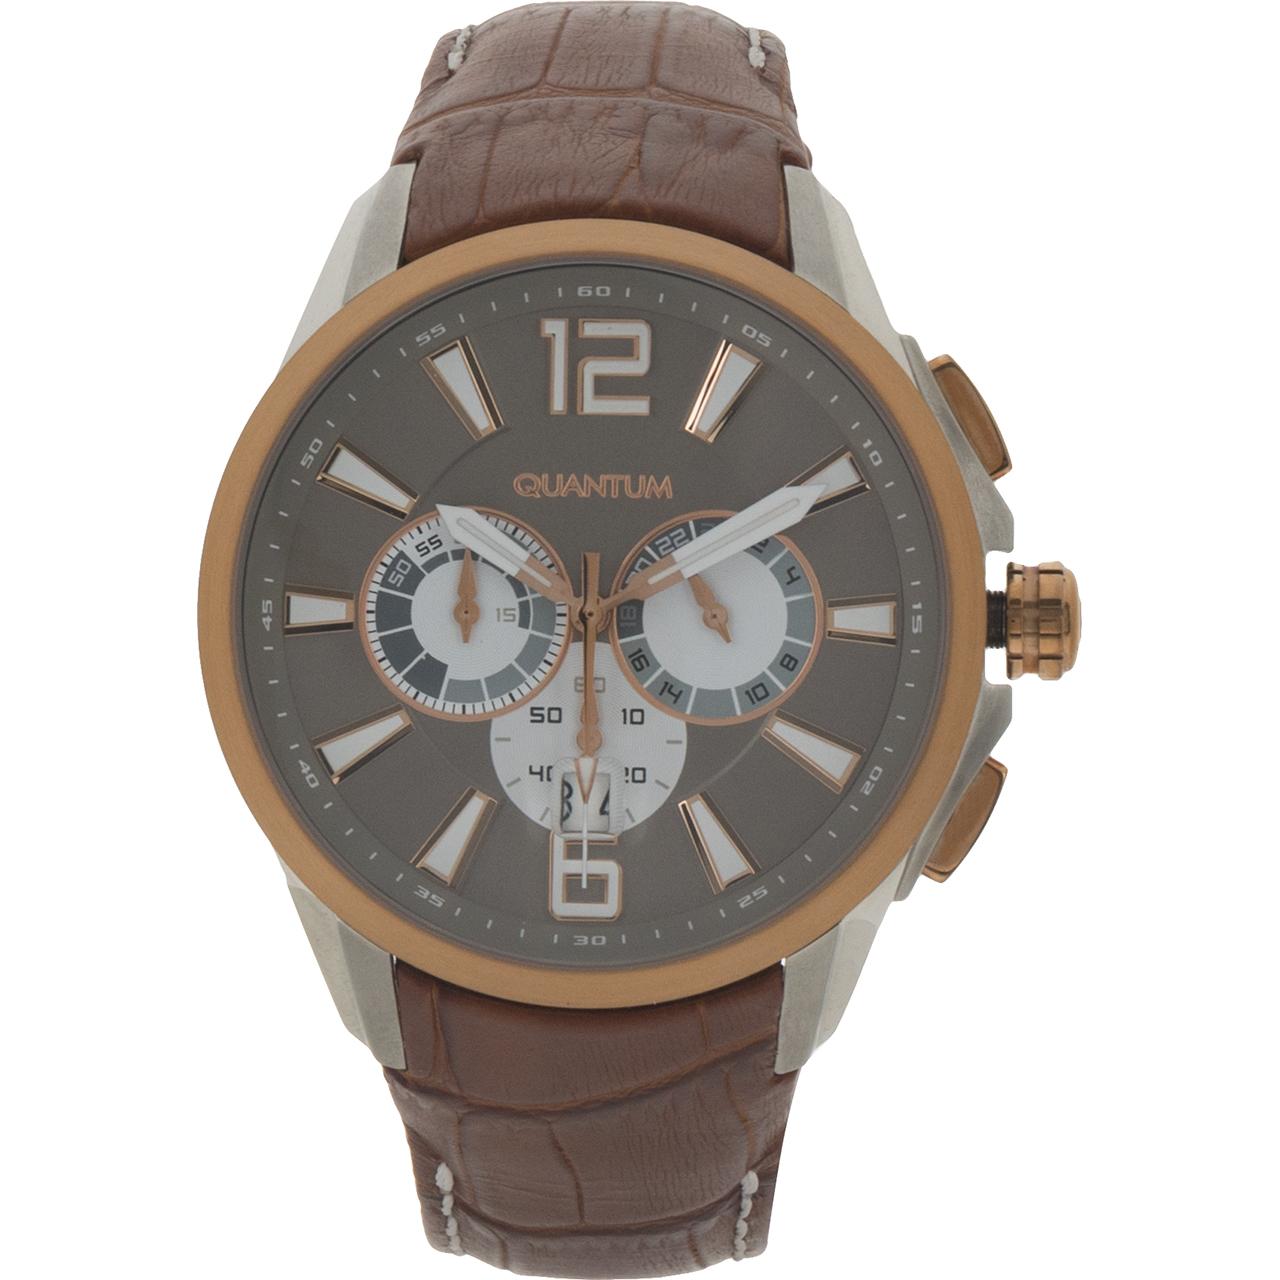 ساعت مچی عقربه ای مردانه کوانتوم مدل EXG363.70 38